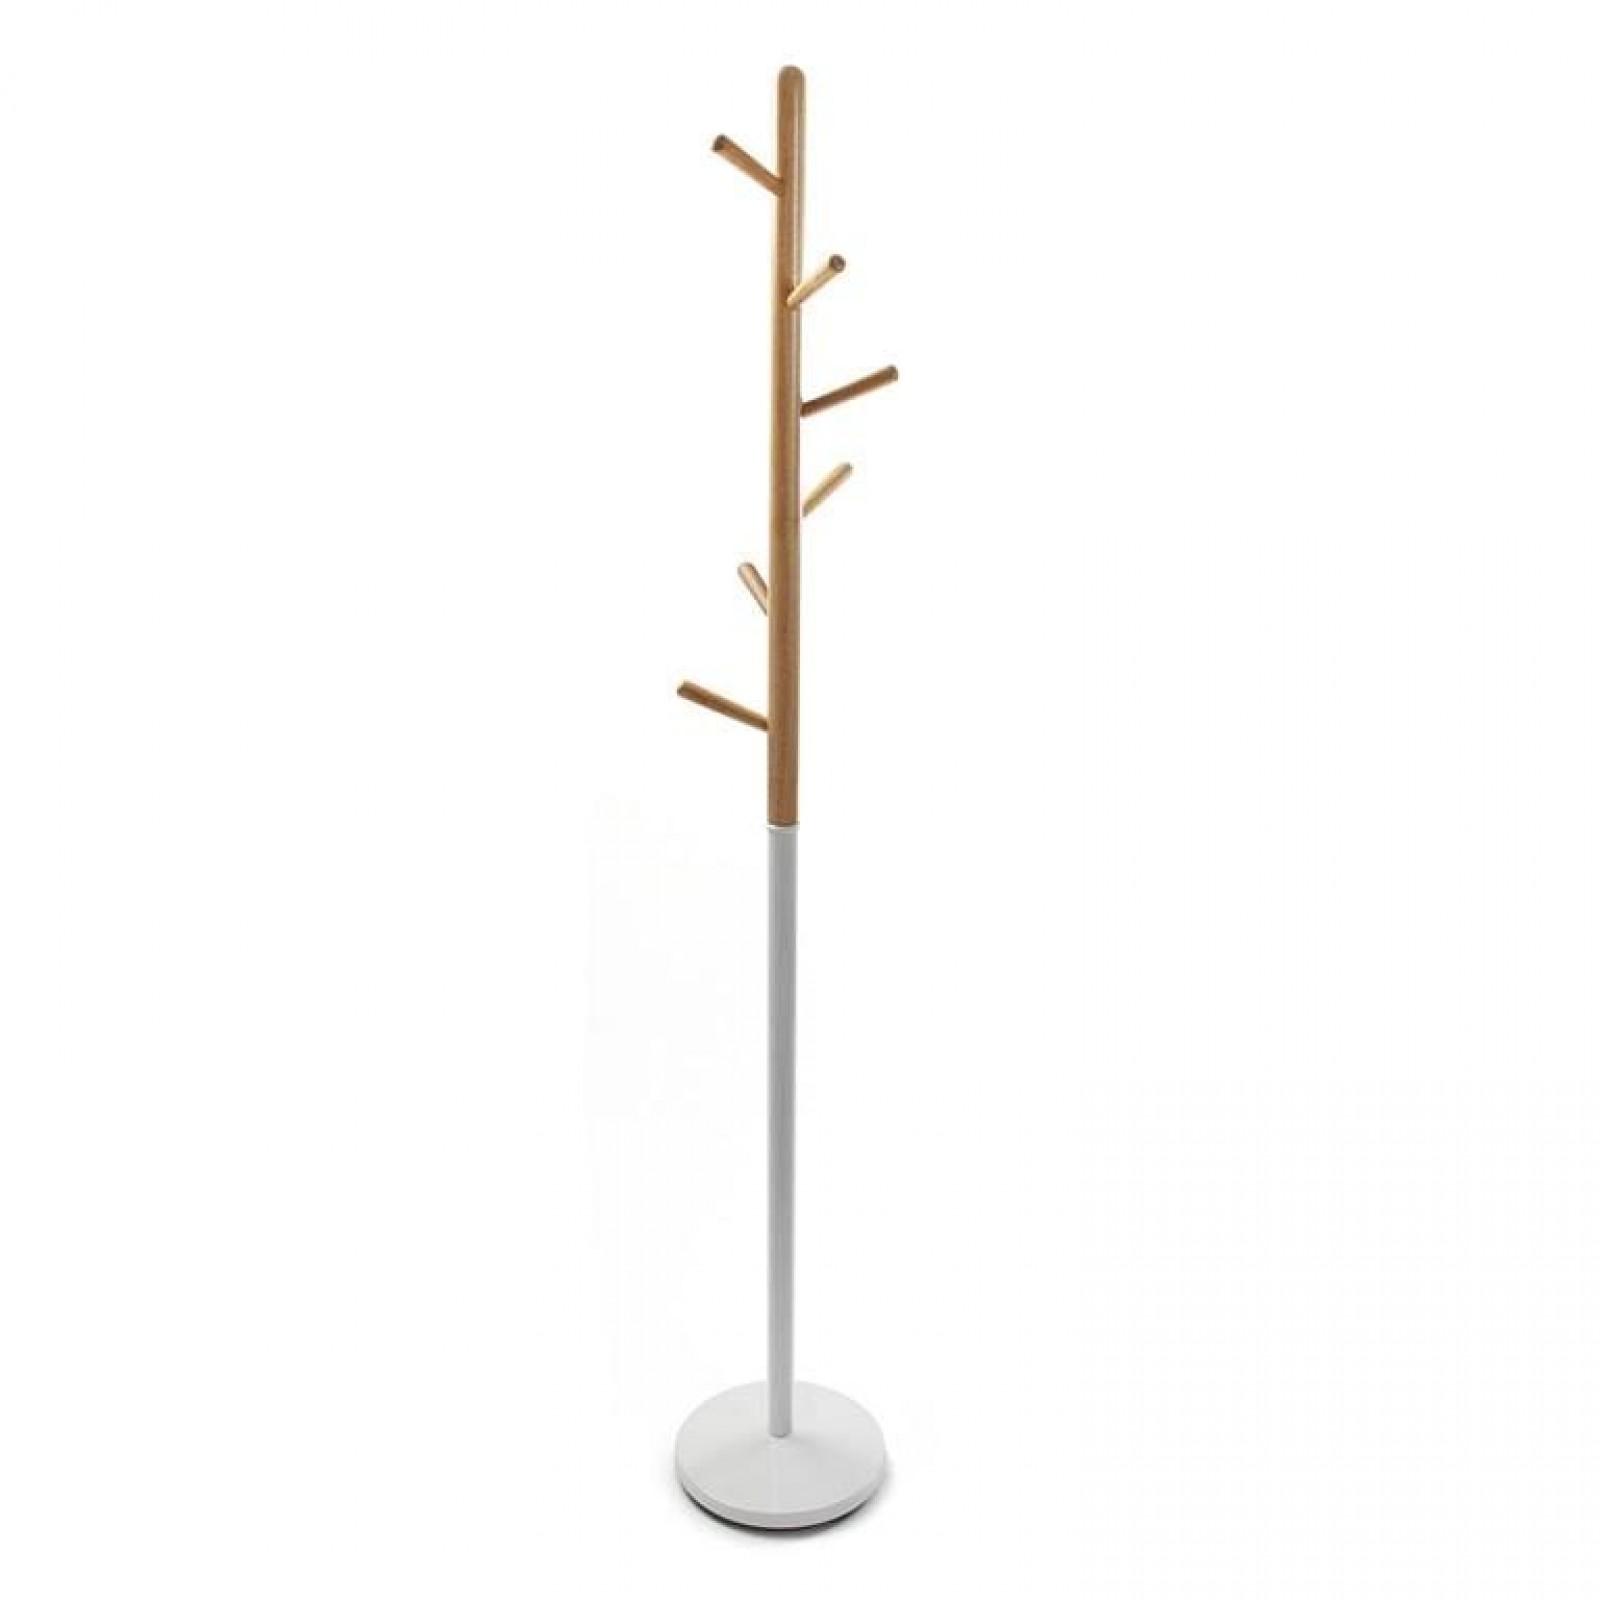 Blanco Coat Rack (Metal / Wood) - Versa